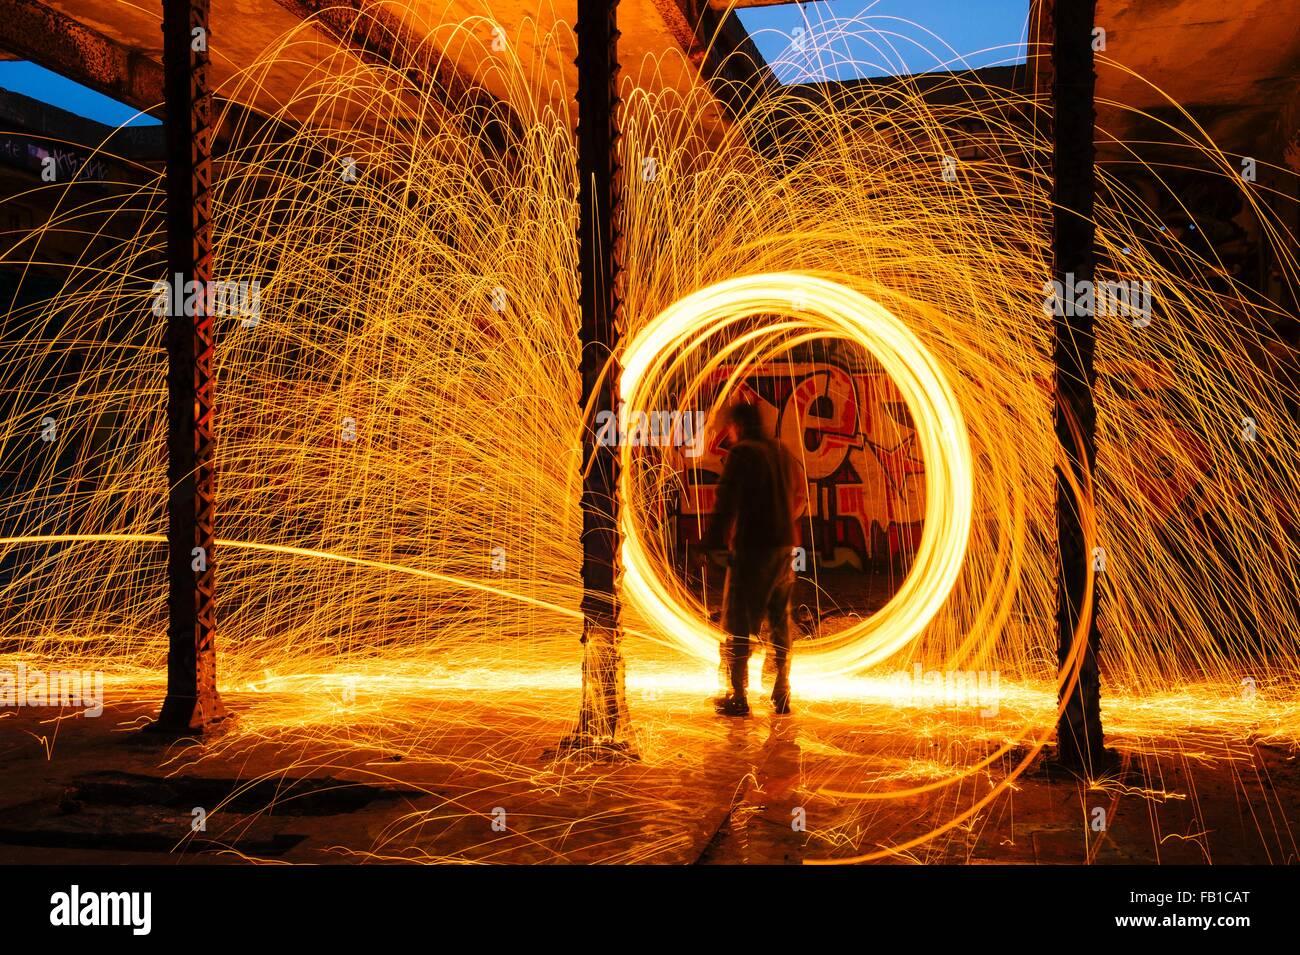 El hombre la creación circular chispa dorada estelas de luz en el edificio abandonado Foto de stock